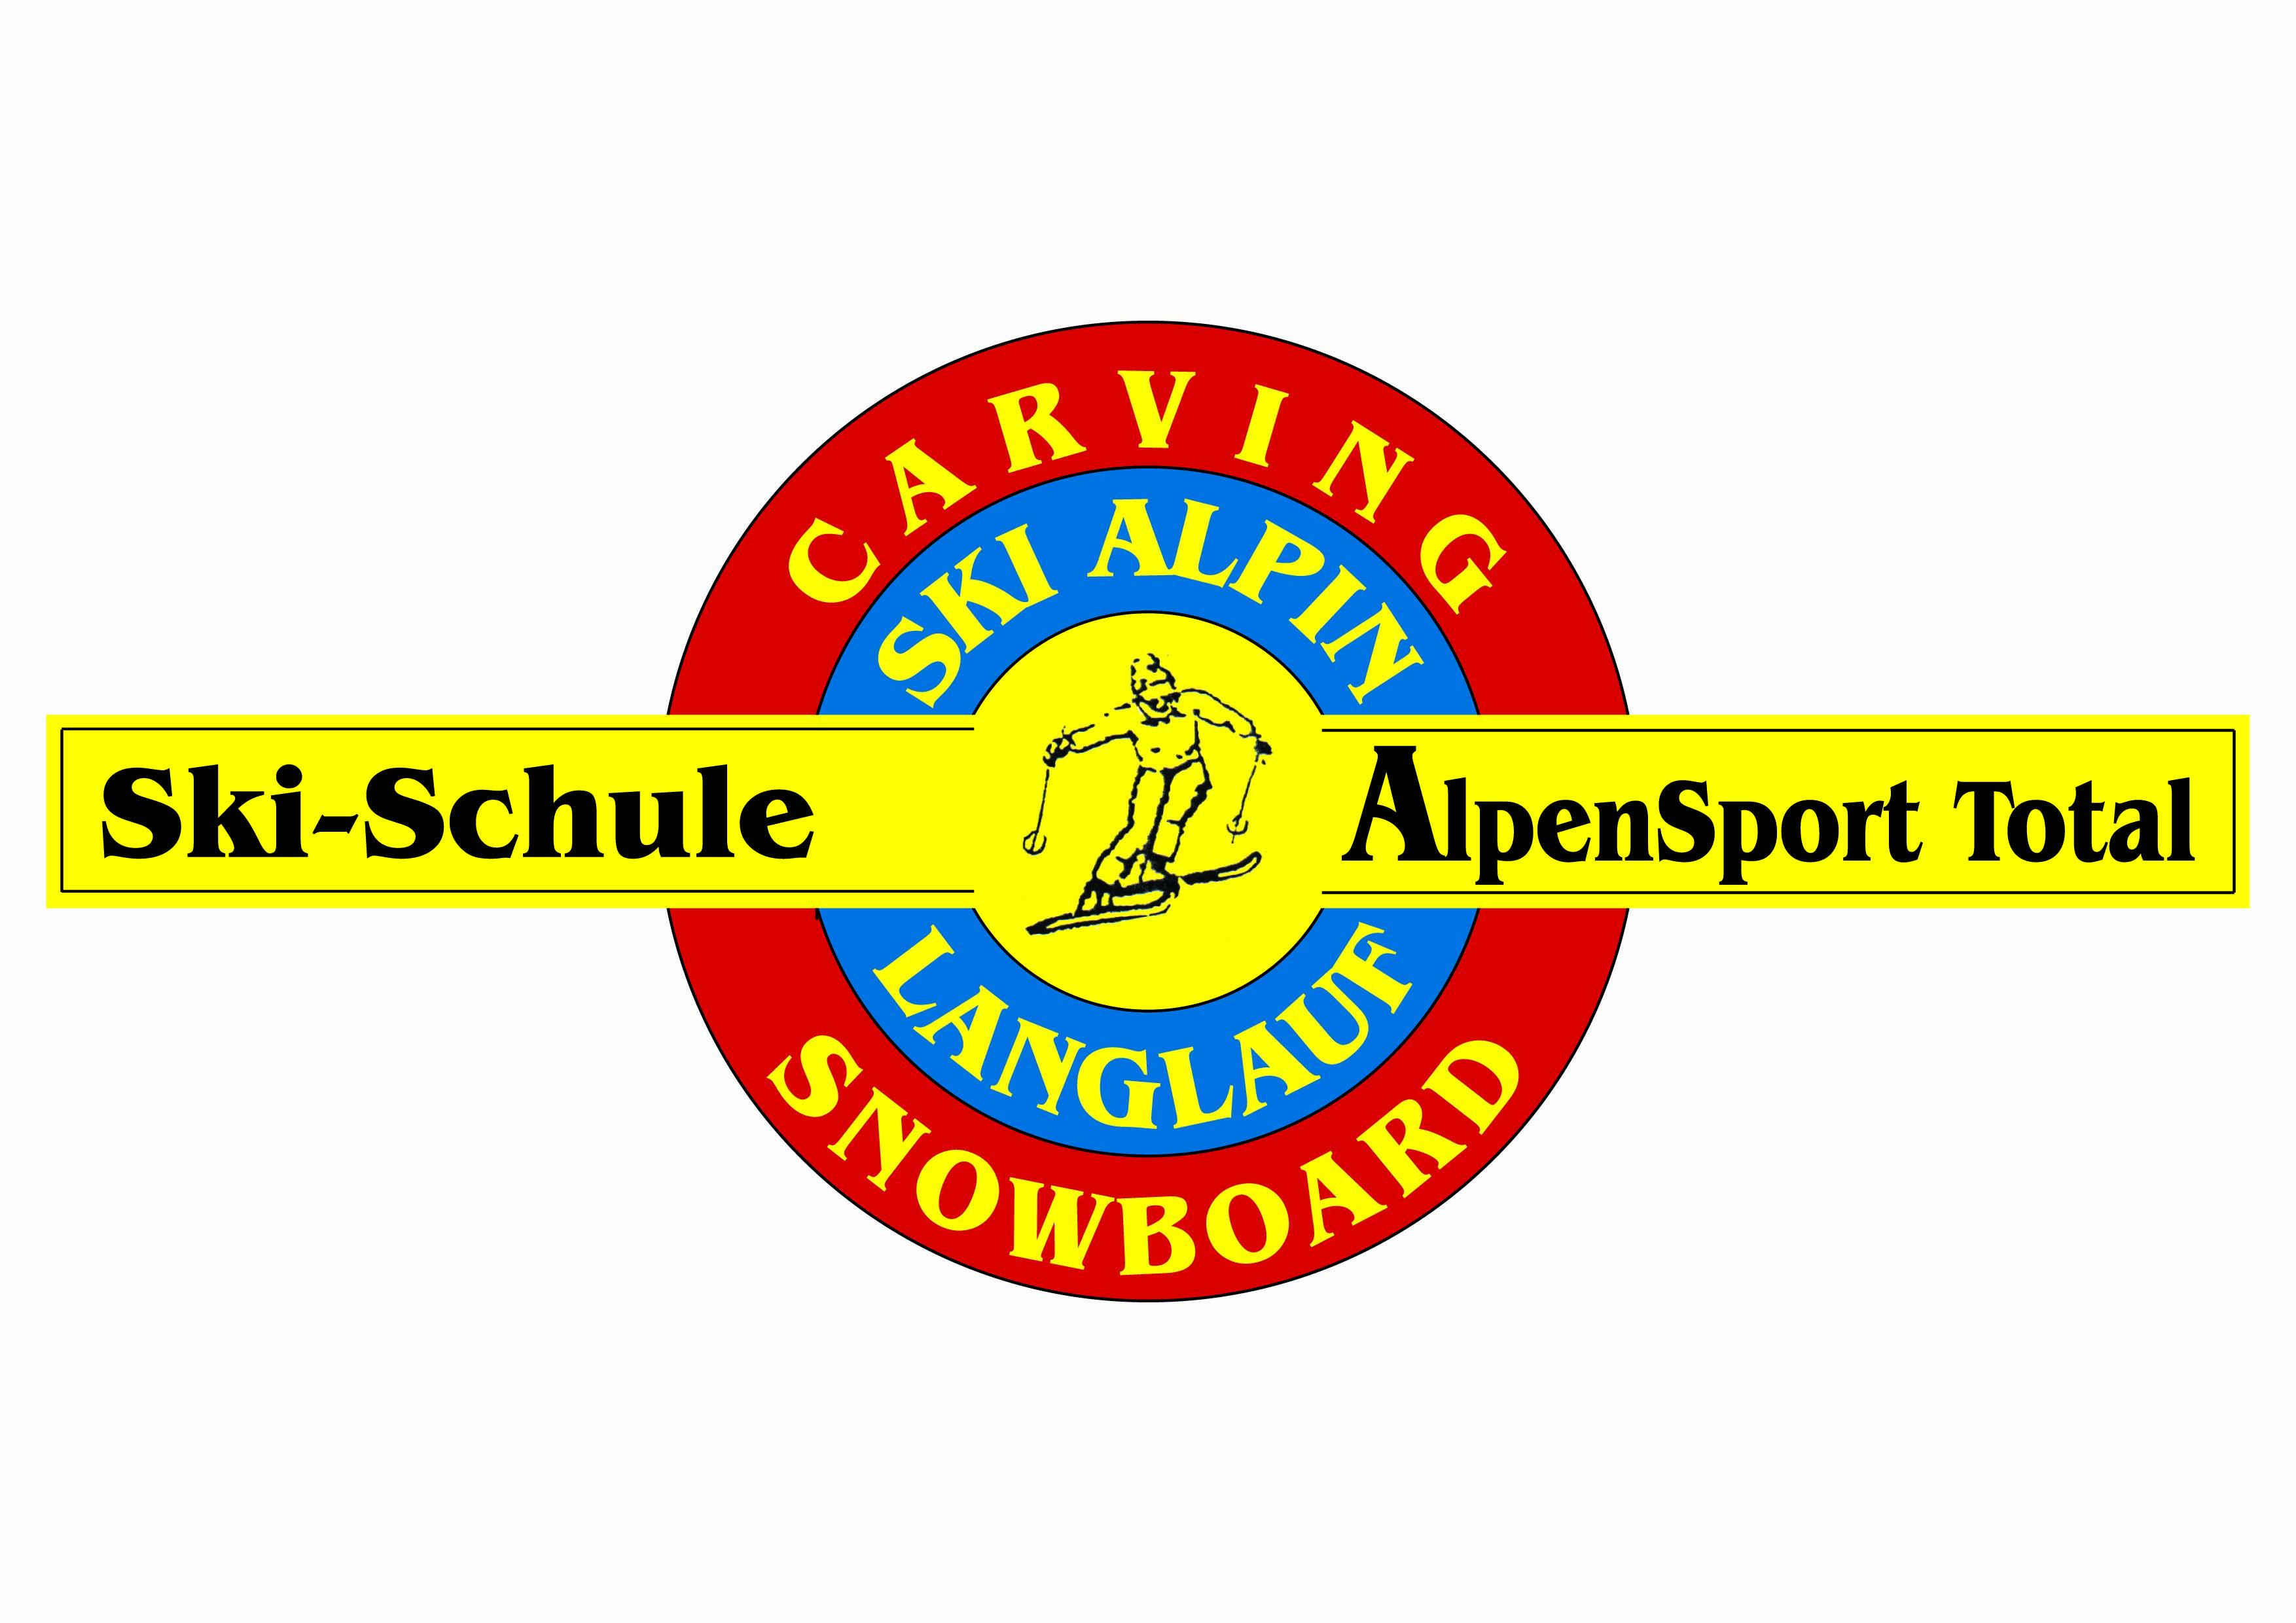 AlpenSport Total